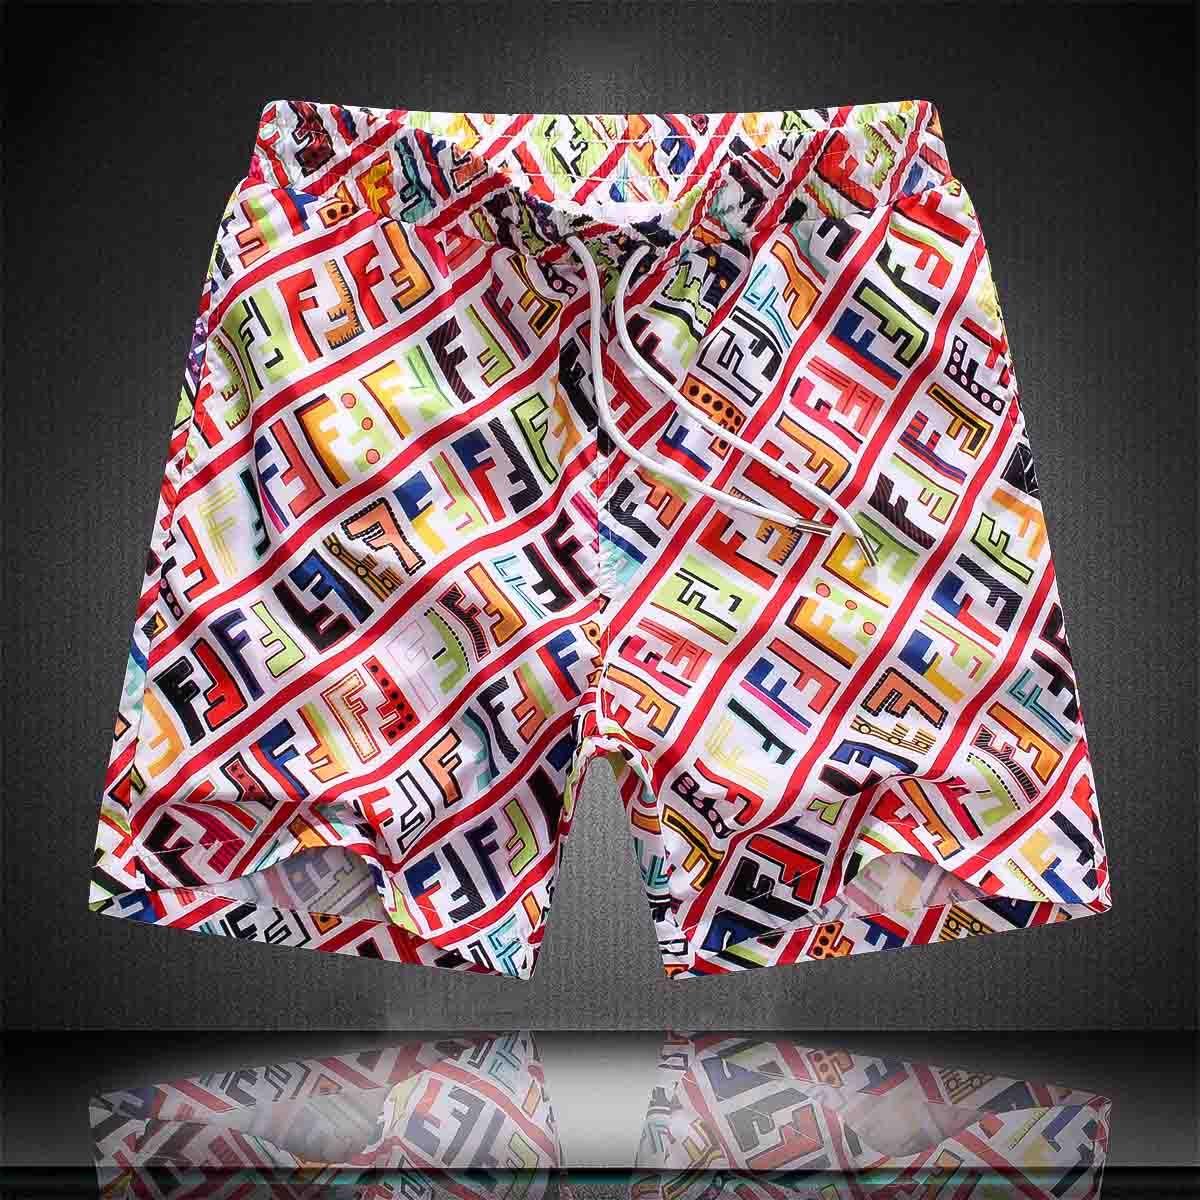 дизайнеры мужские шорты плавать лето Мужские короткие штаны Бренды Одежда Купальники Нейлон мужчин Бренды Пляж шорты Малый Конь Swim Wear Совет p3